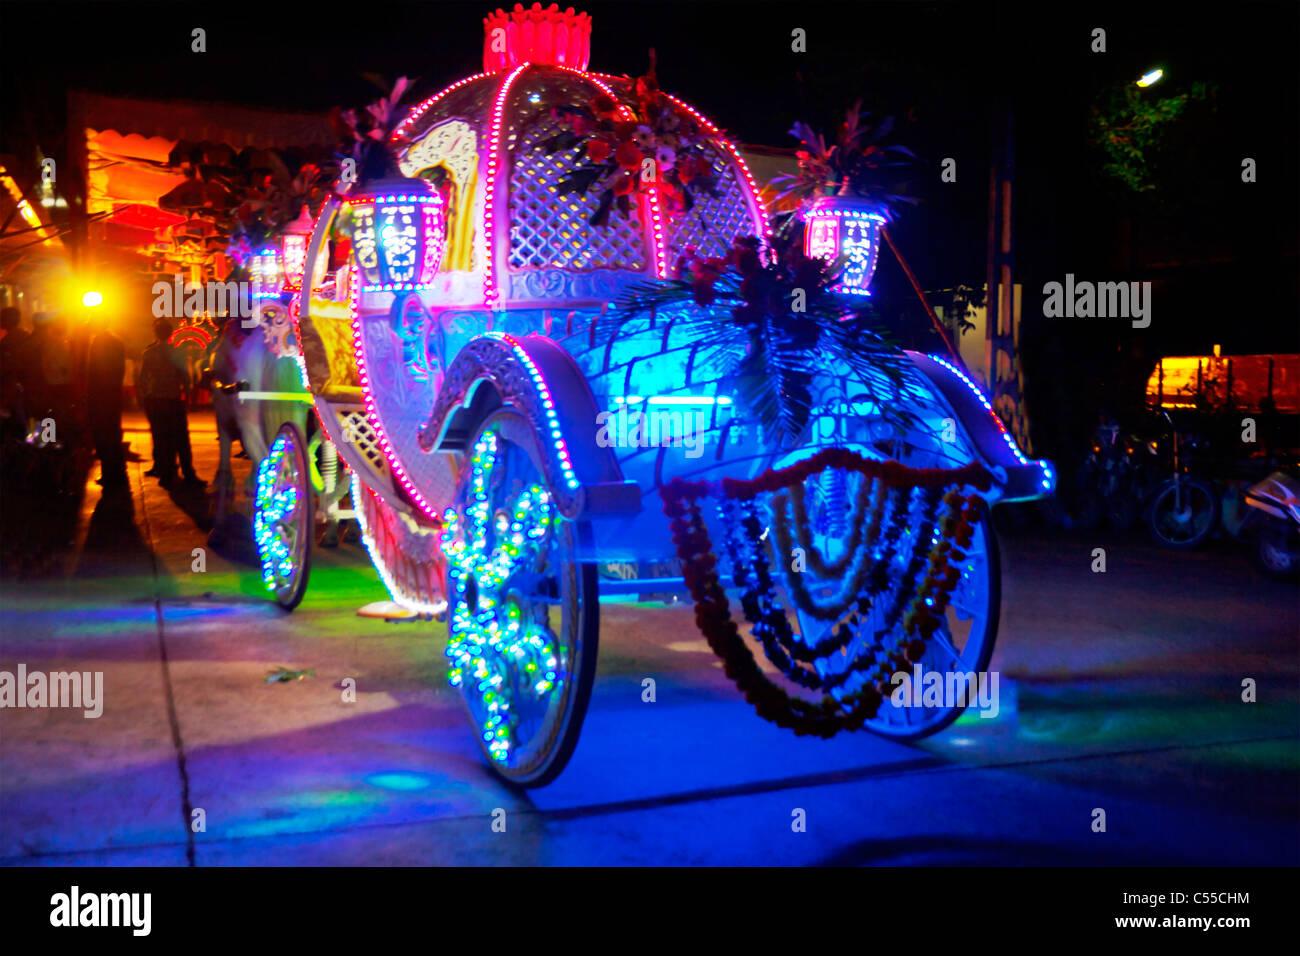 Indian wedding stallieri carrello vivacemente illuminata di notte in un villaggio indiano Immagini Stock